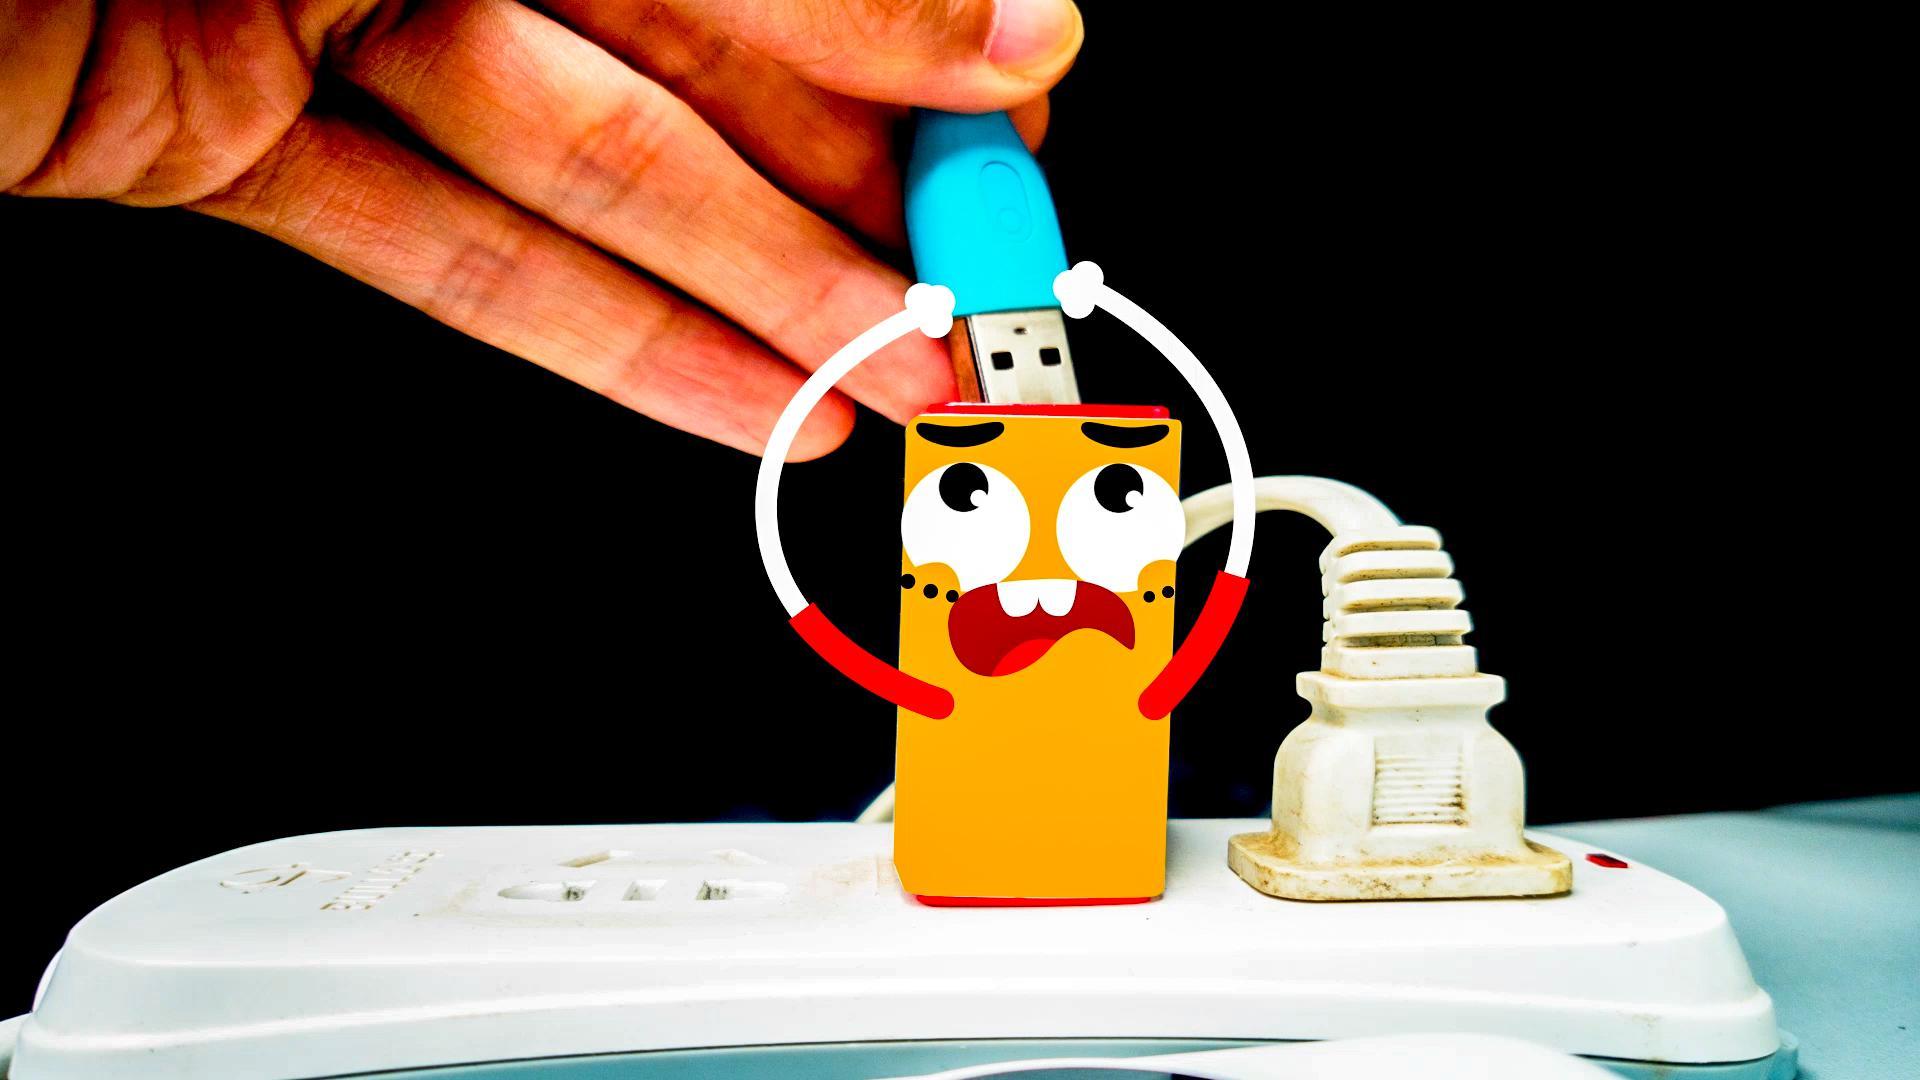 辣椒、笔和耳机都会说话了,普通物品也有情绪!奇趣搞笑动画